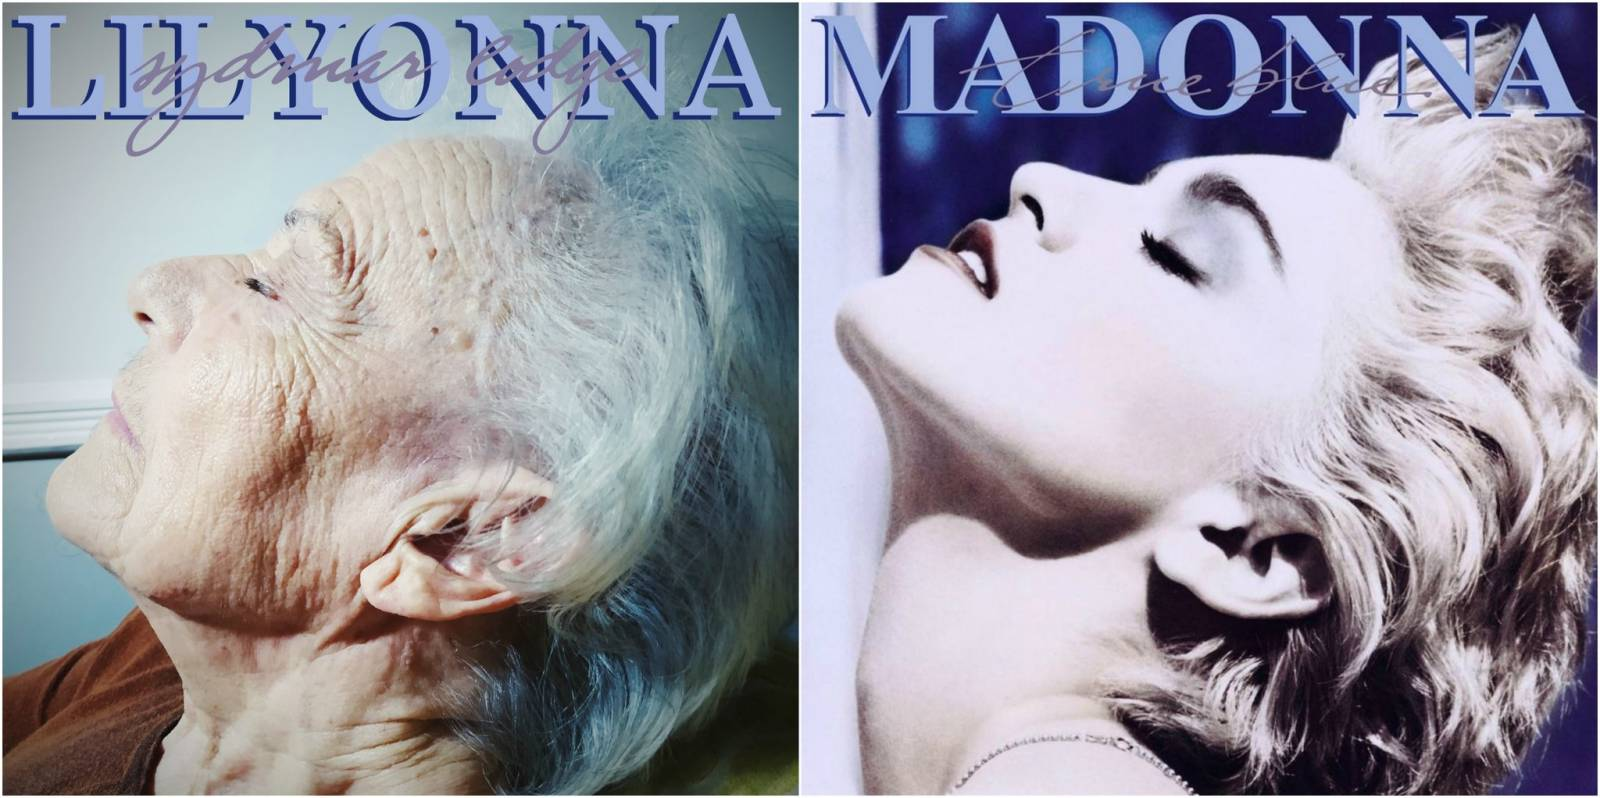 Senioři pózovali na přebalech alb Madonny, Blink-182, Michaela Jacksona a dalších